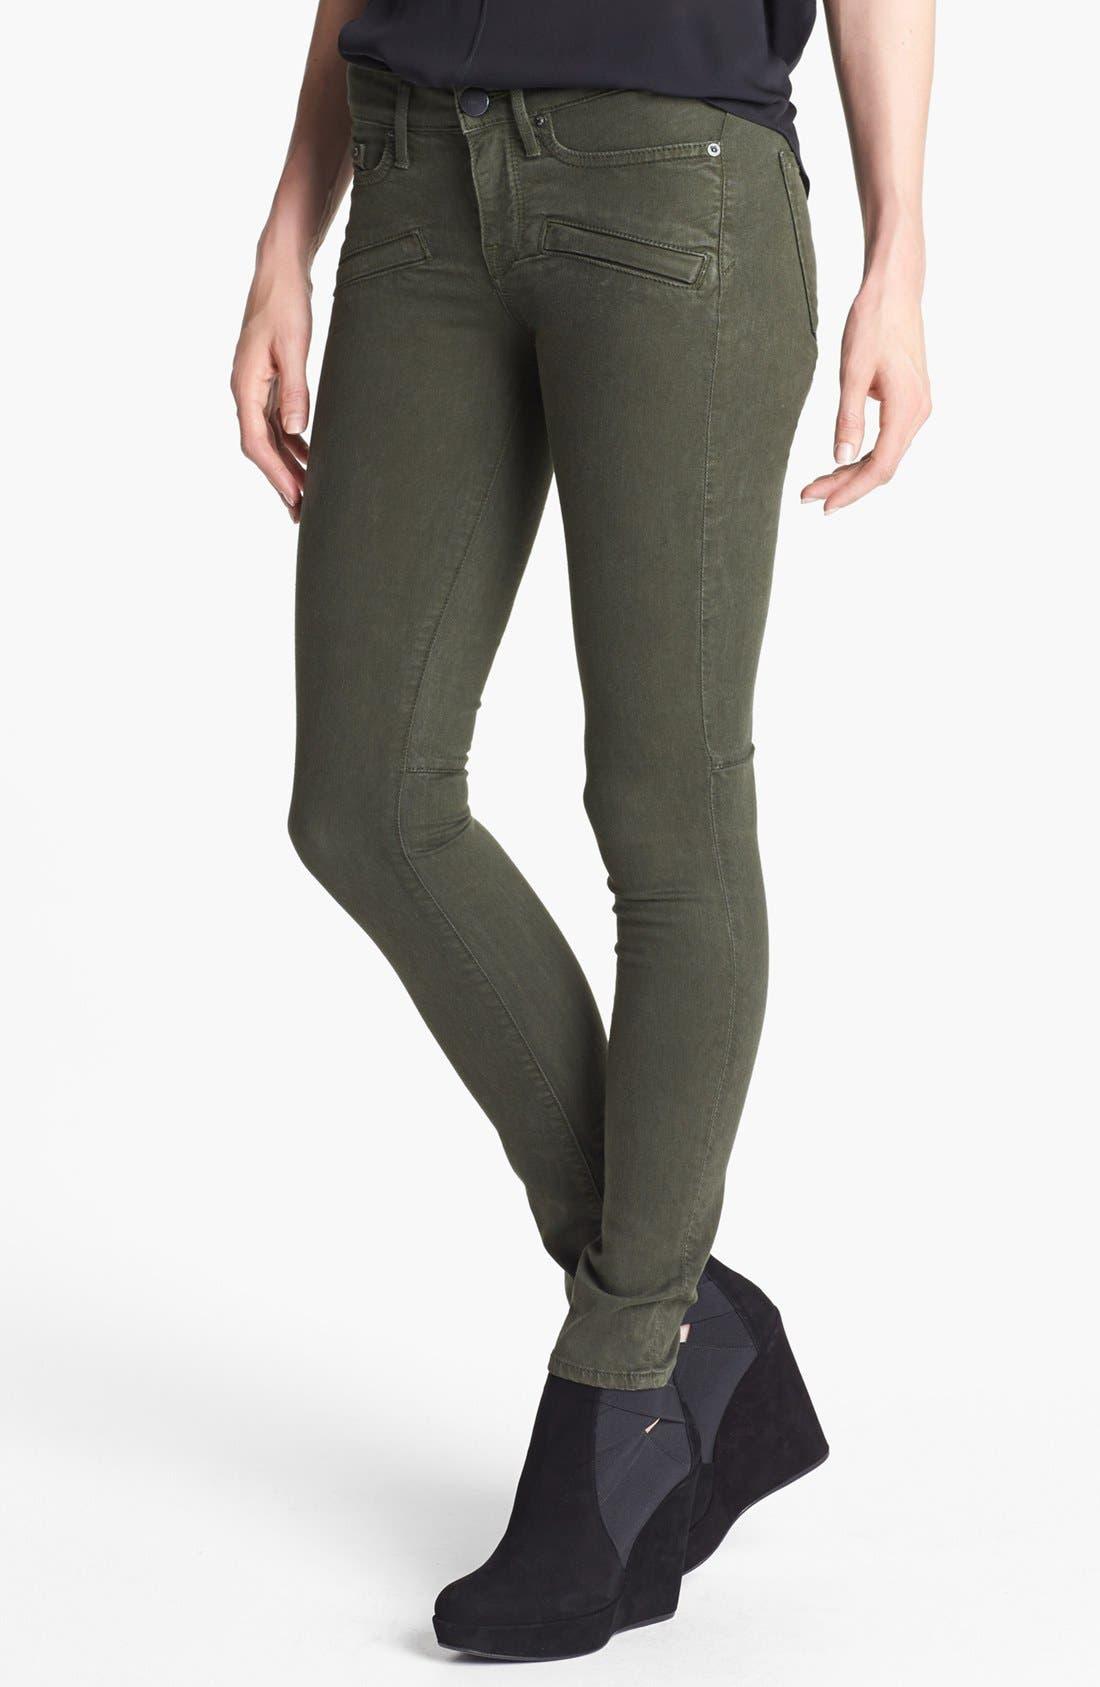 Alternate Image 1 Selected - Vince Skinny Stretch Jeans (Dark Olive)